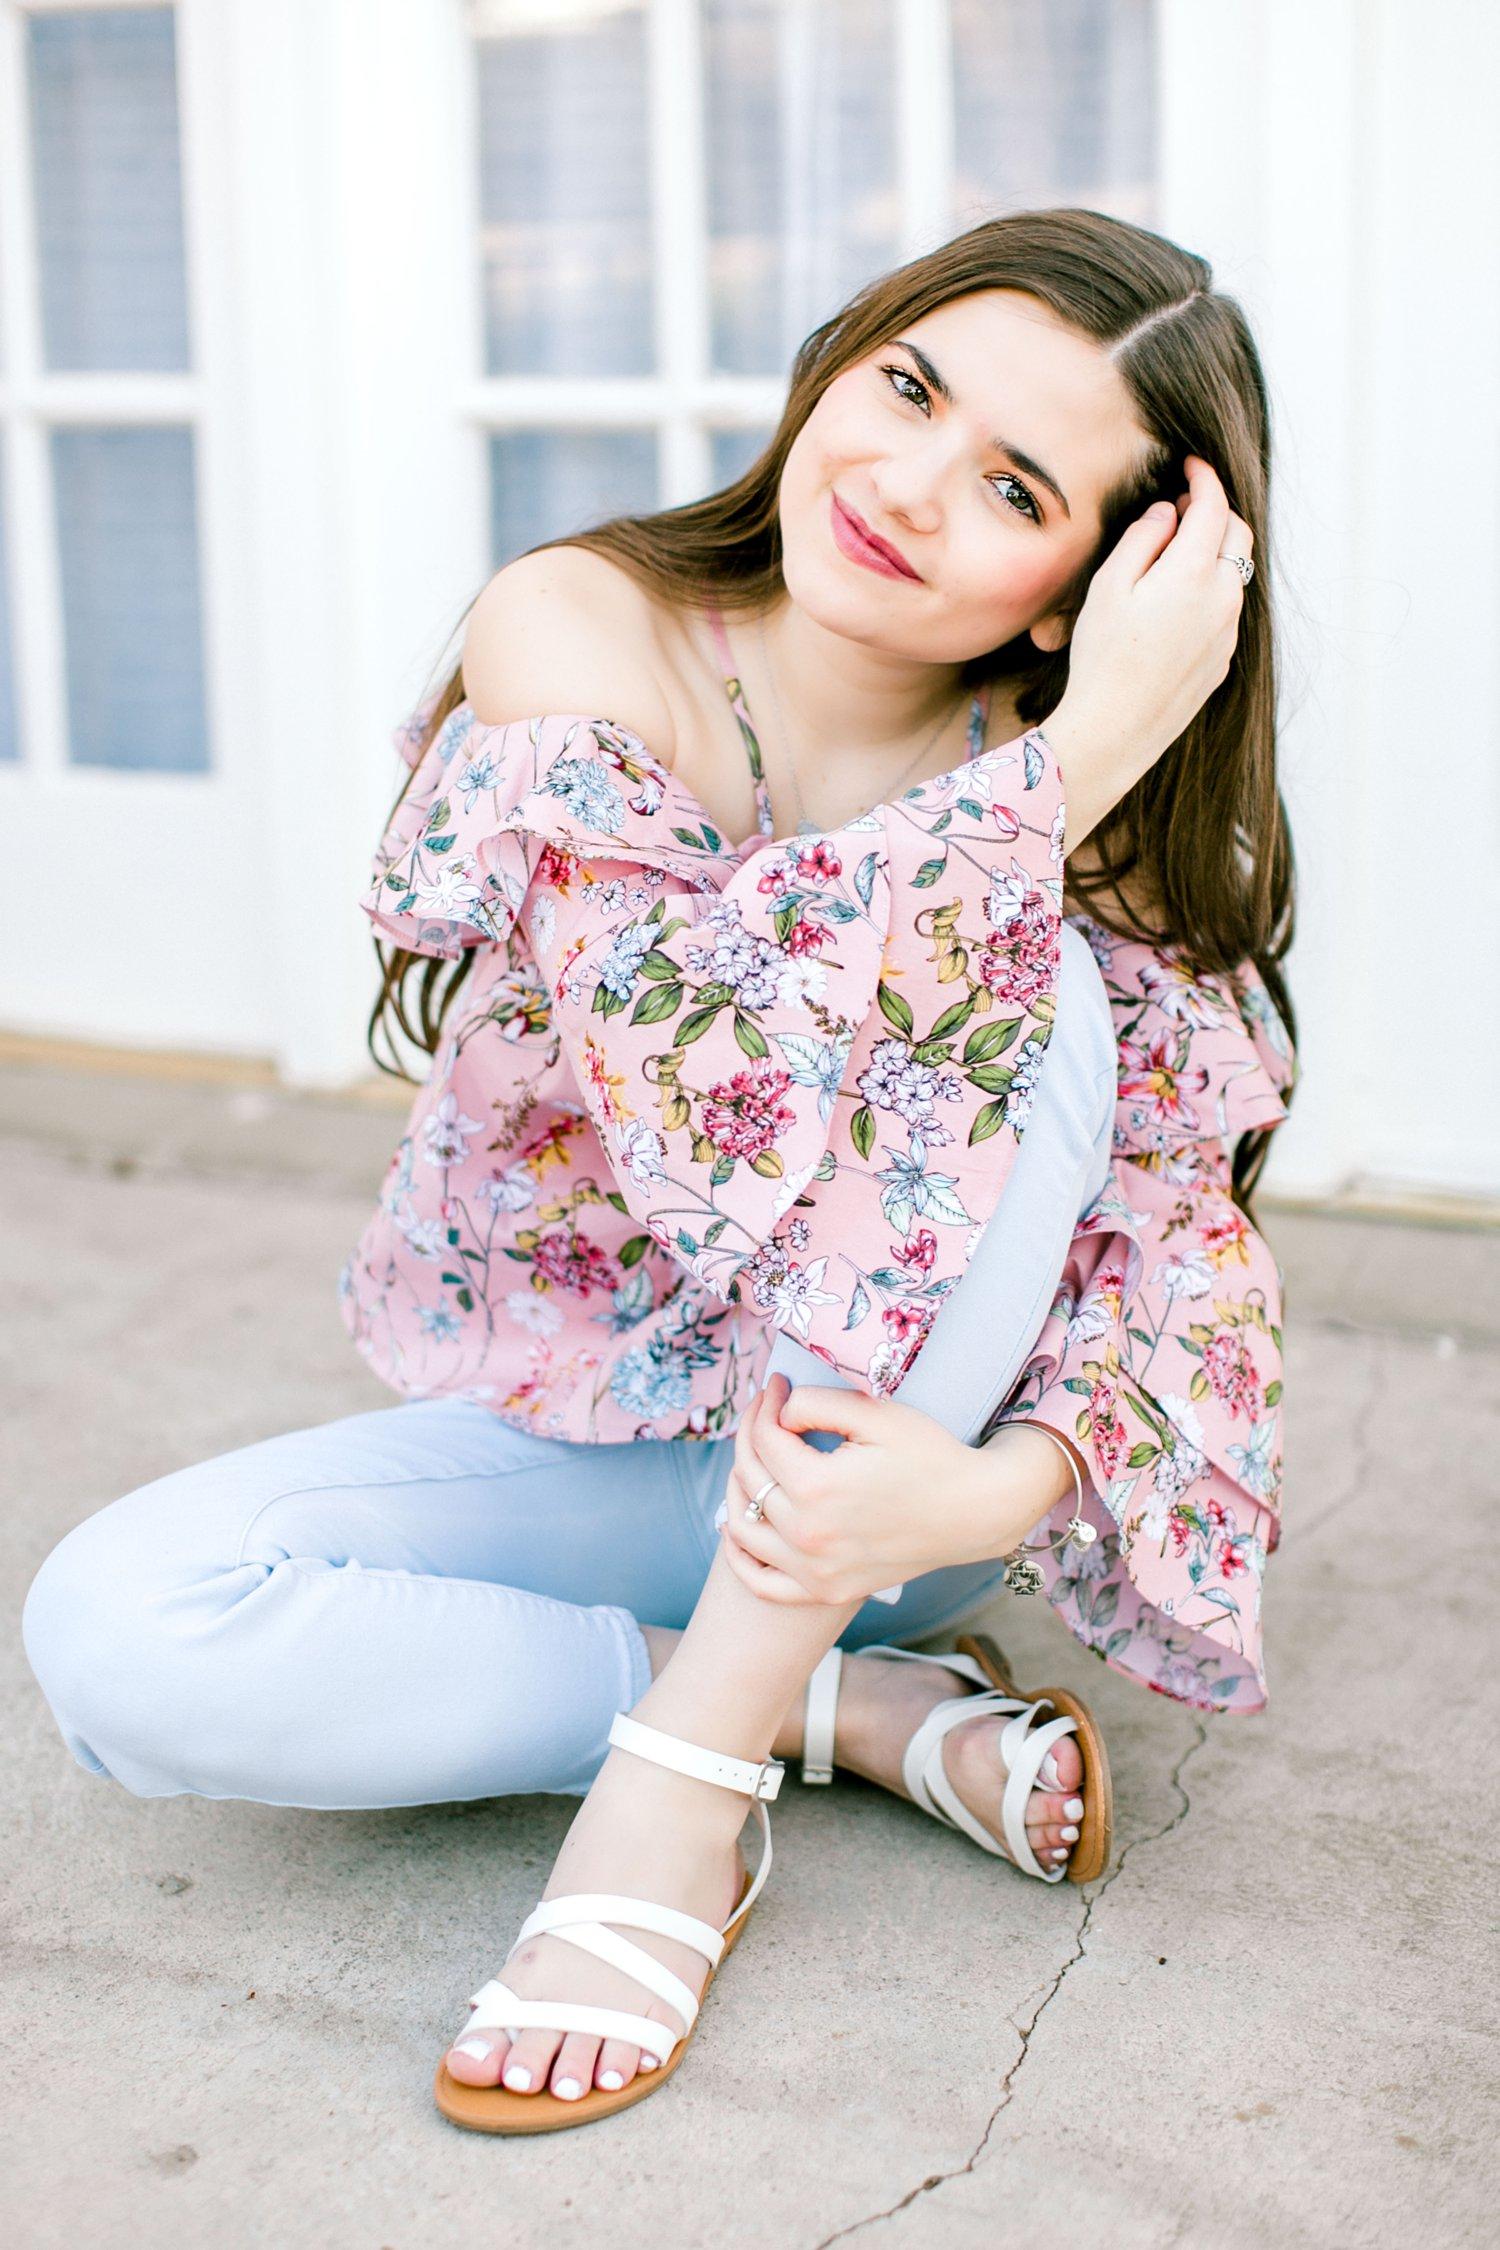 Emma-Stapleton-High-School-Senior-Photographer-Lubbock_0005.jpg